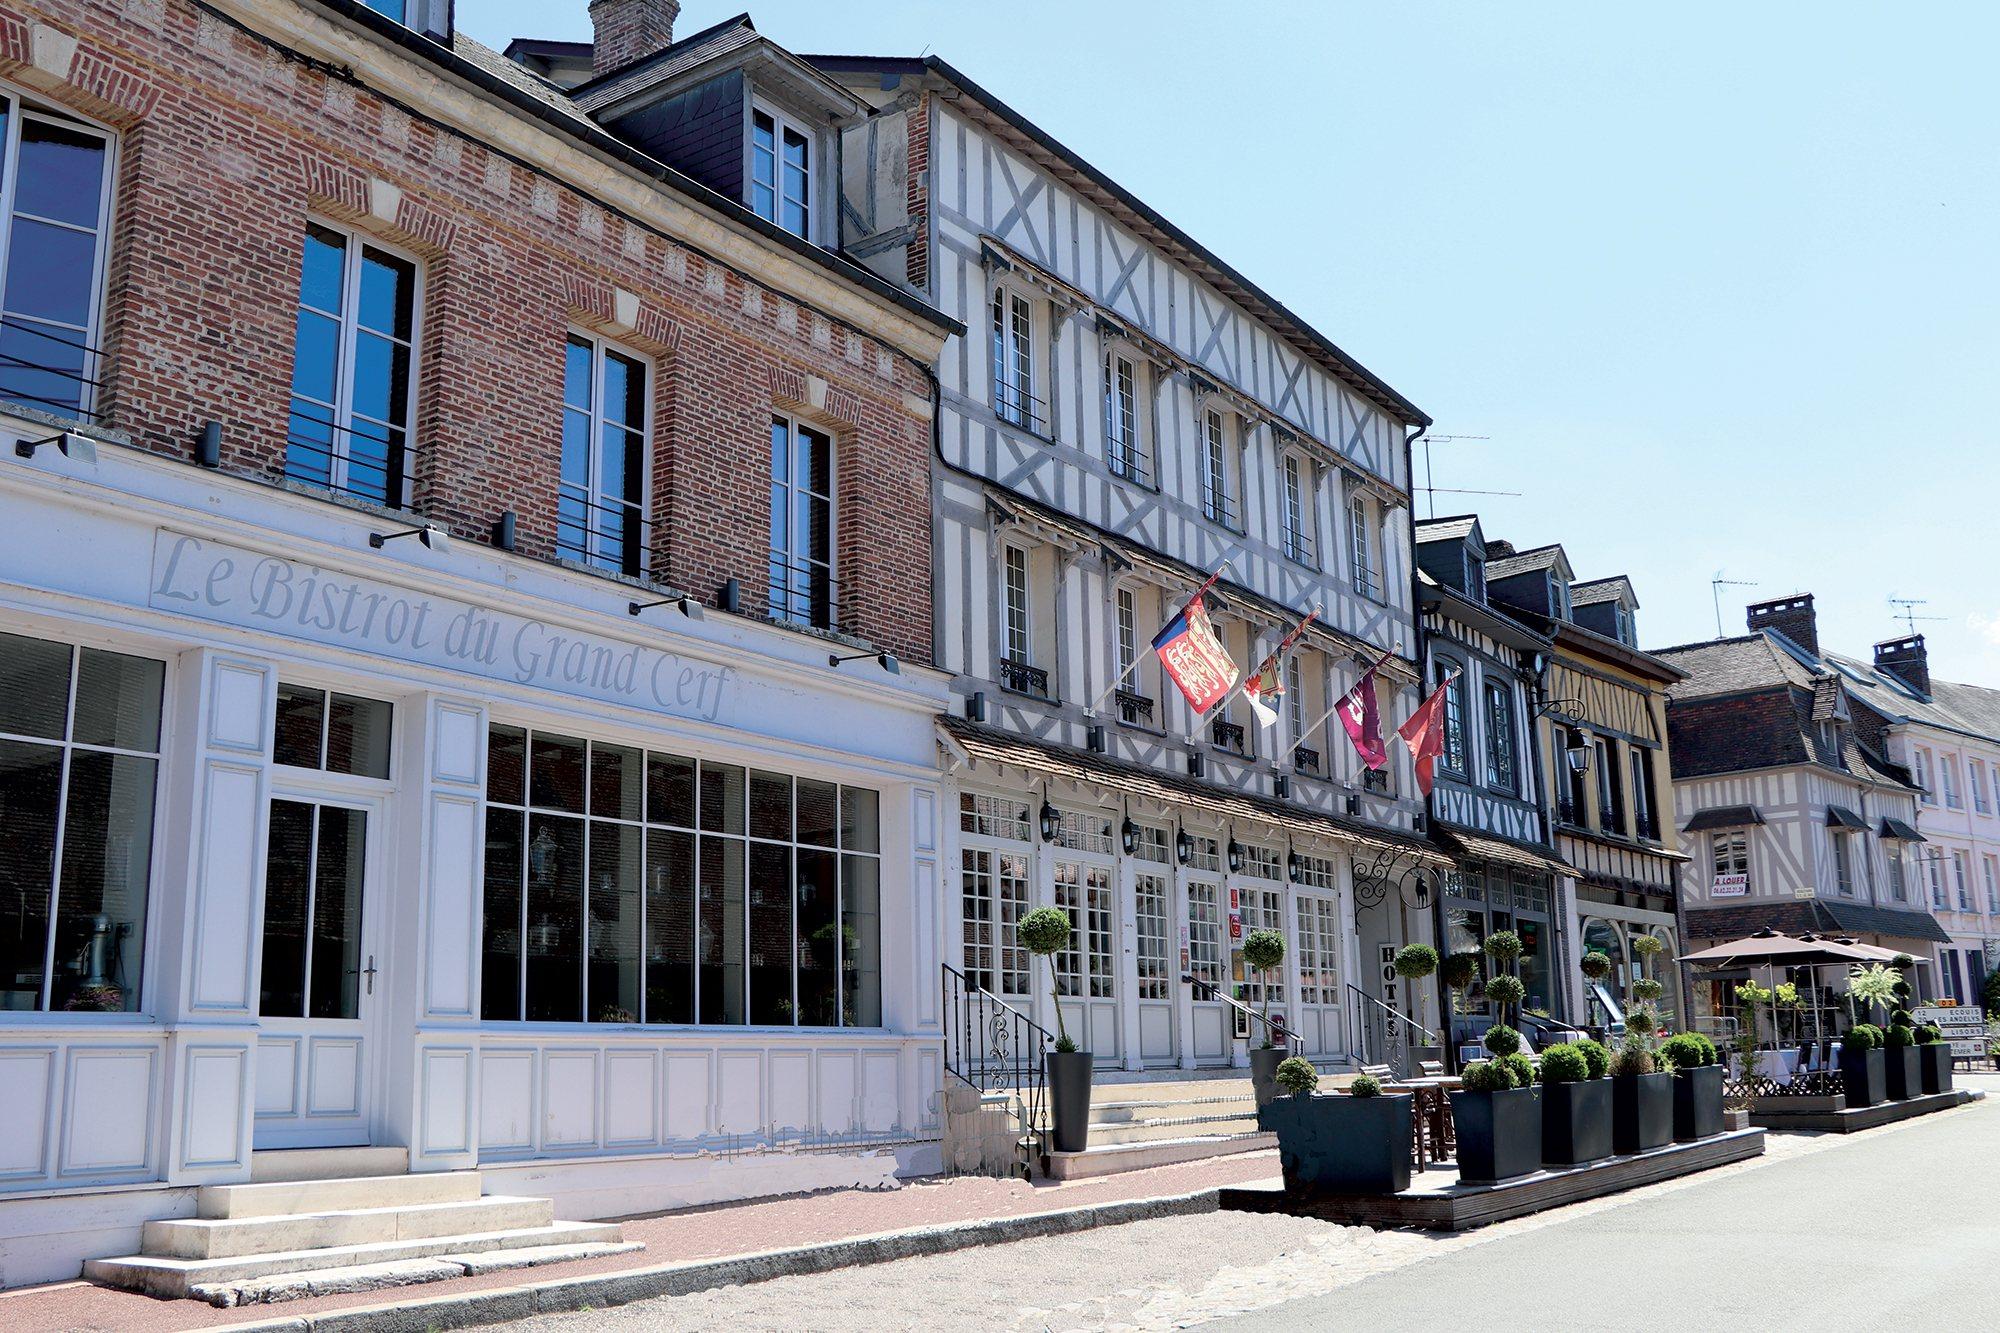 Lyons la for t - Office du tourisme lyons la foret ...